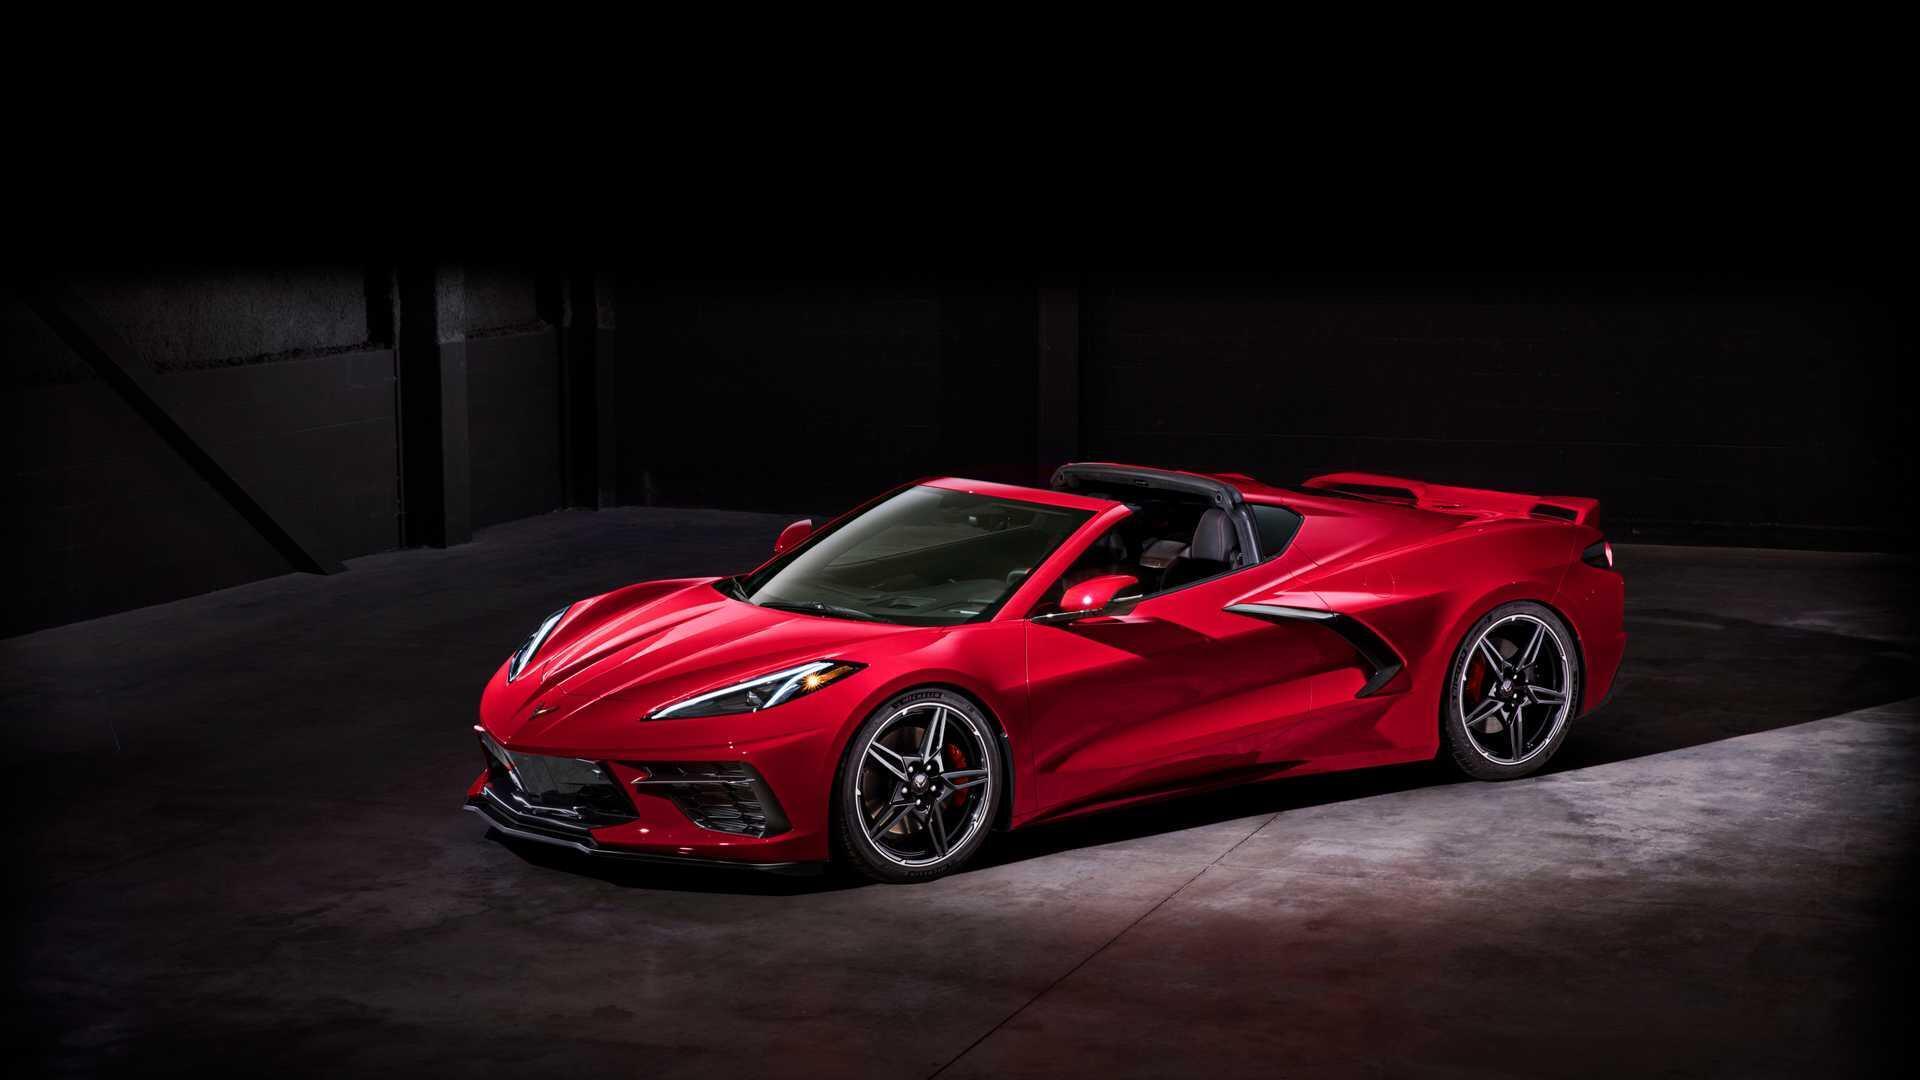 https://cdn.dailyxe.com.vn/image/chevrolet-corvette-2020-co-mot-so-tinh-nang-an-tuyet-voi-53-94565j2.jpg